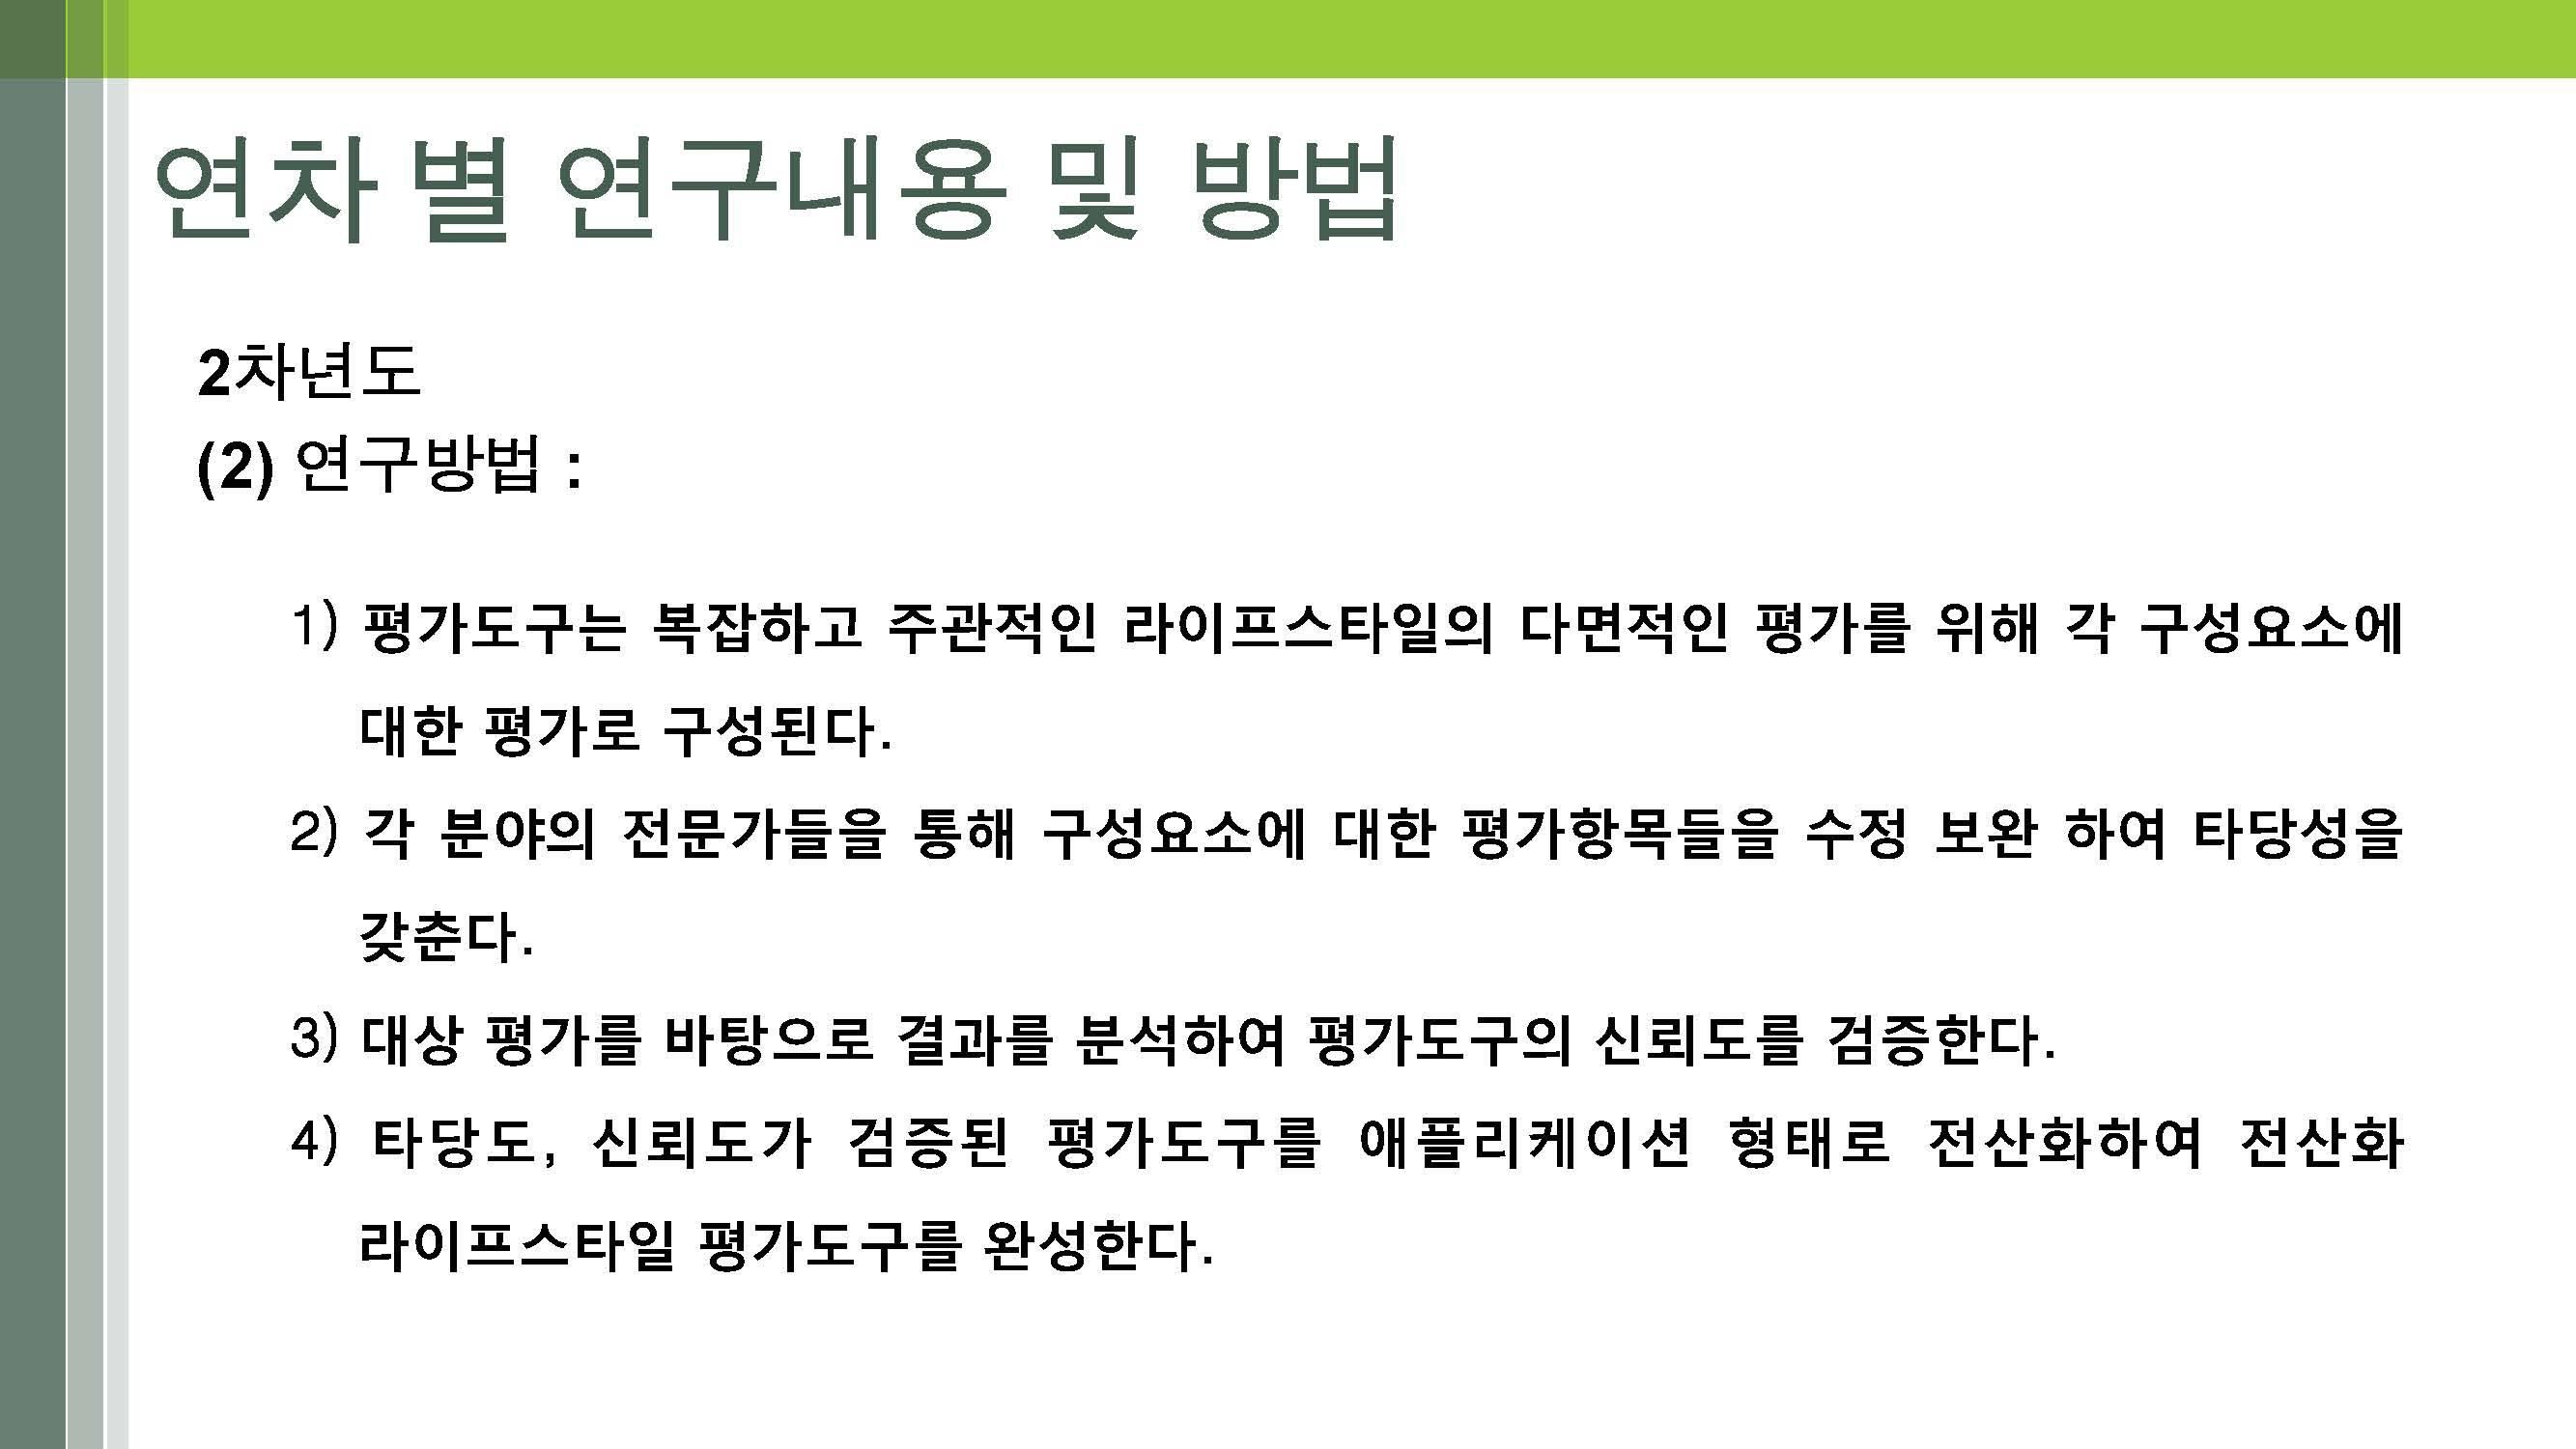 노인의 다면적 라이프스타일 개발(연세대-박지혁) (최종)_페이지_15